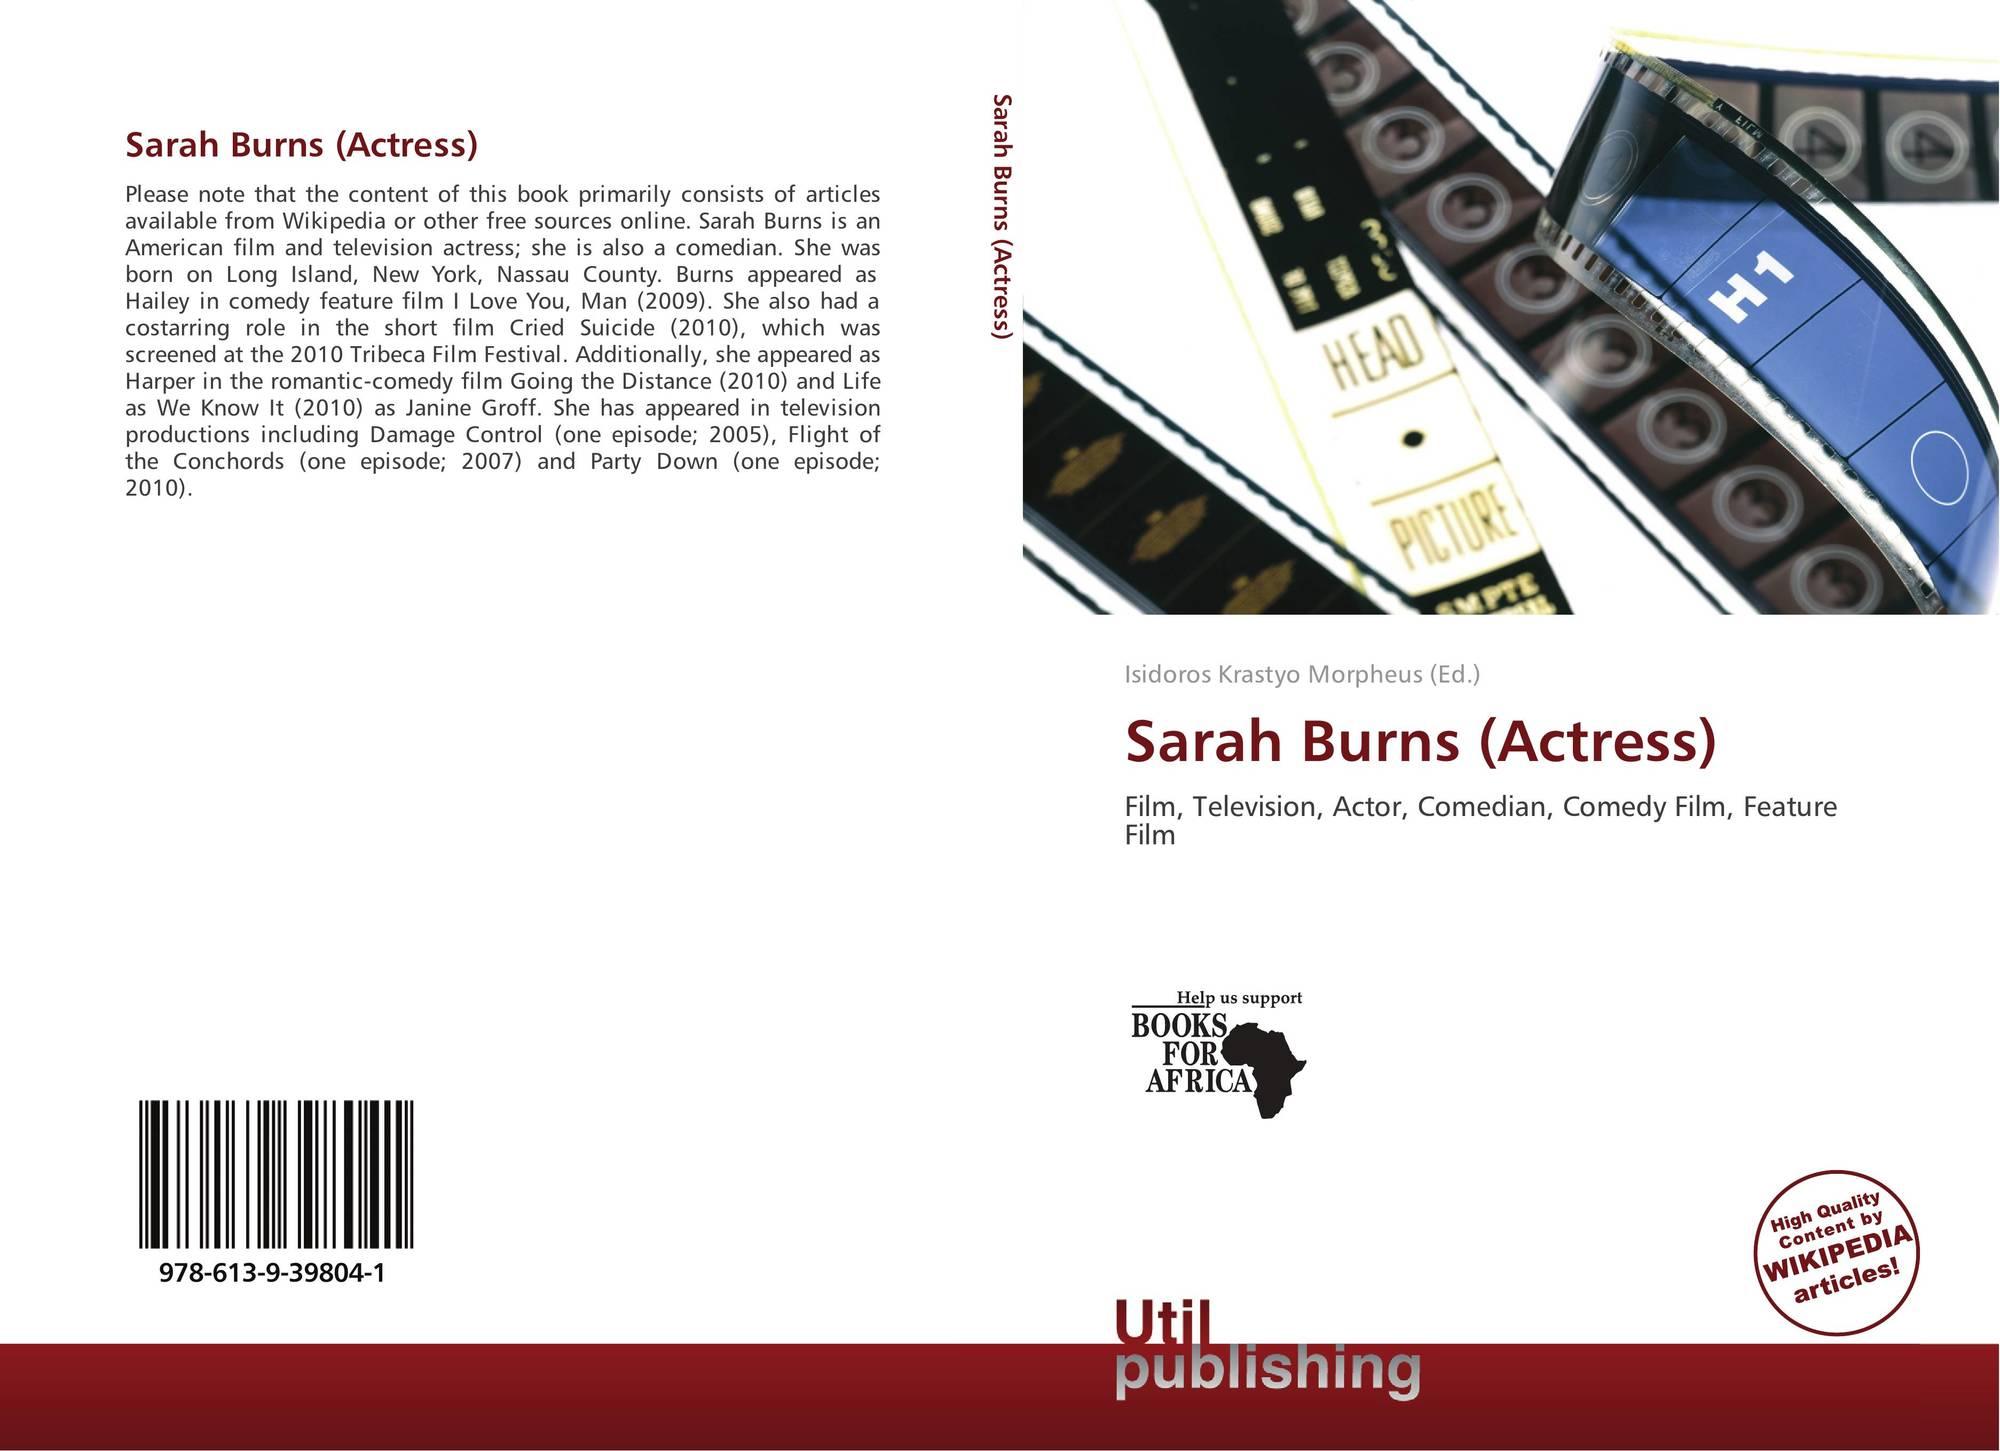 Sarah Burns Actress 978 613 9 39804 1 6139398045 9786139398041